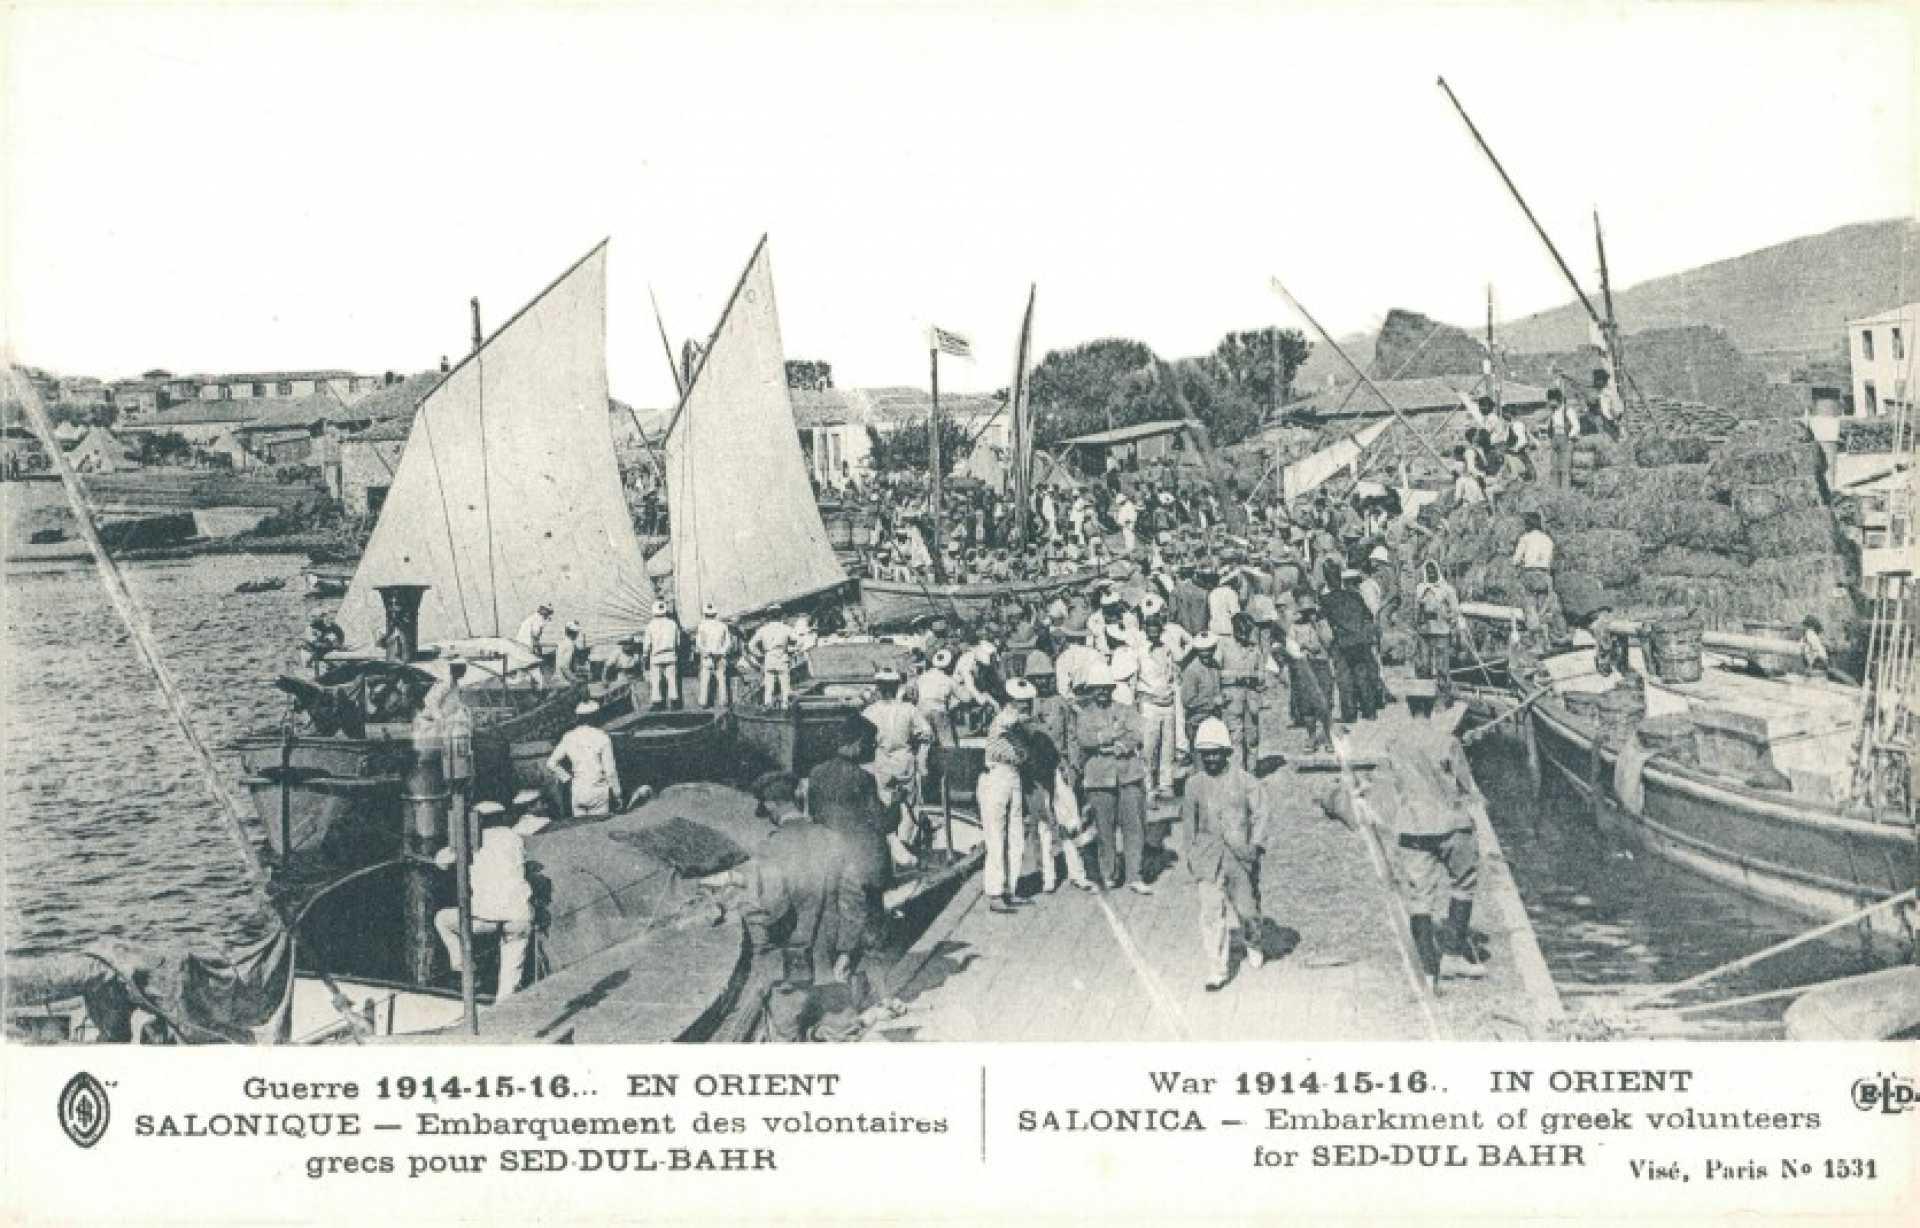 Guerre 1914-15-16… En orient Salonique – Embarquement des volontaires grecs pour Sed-Dul-Bahr